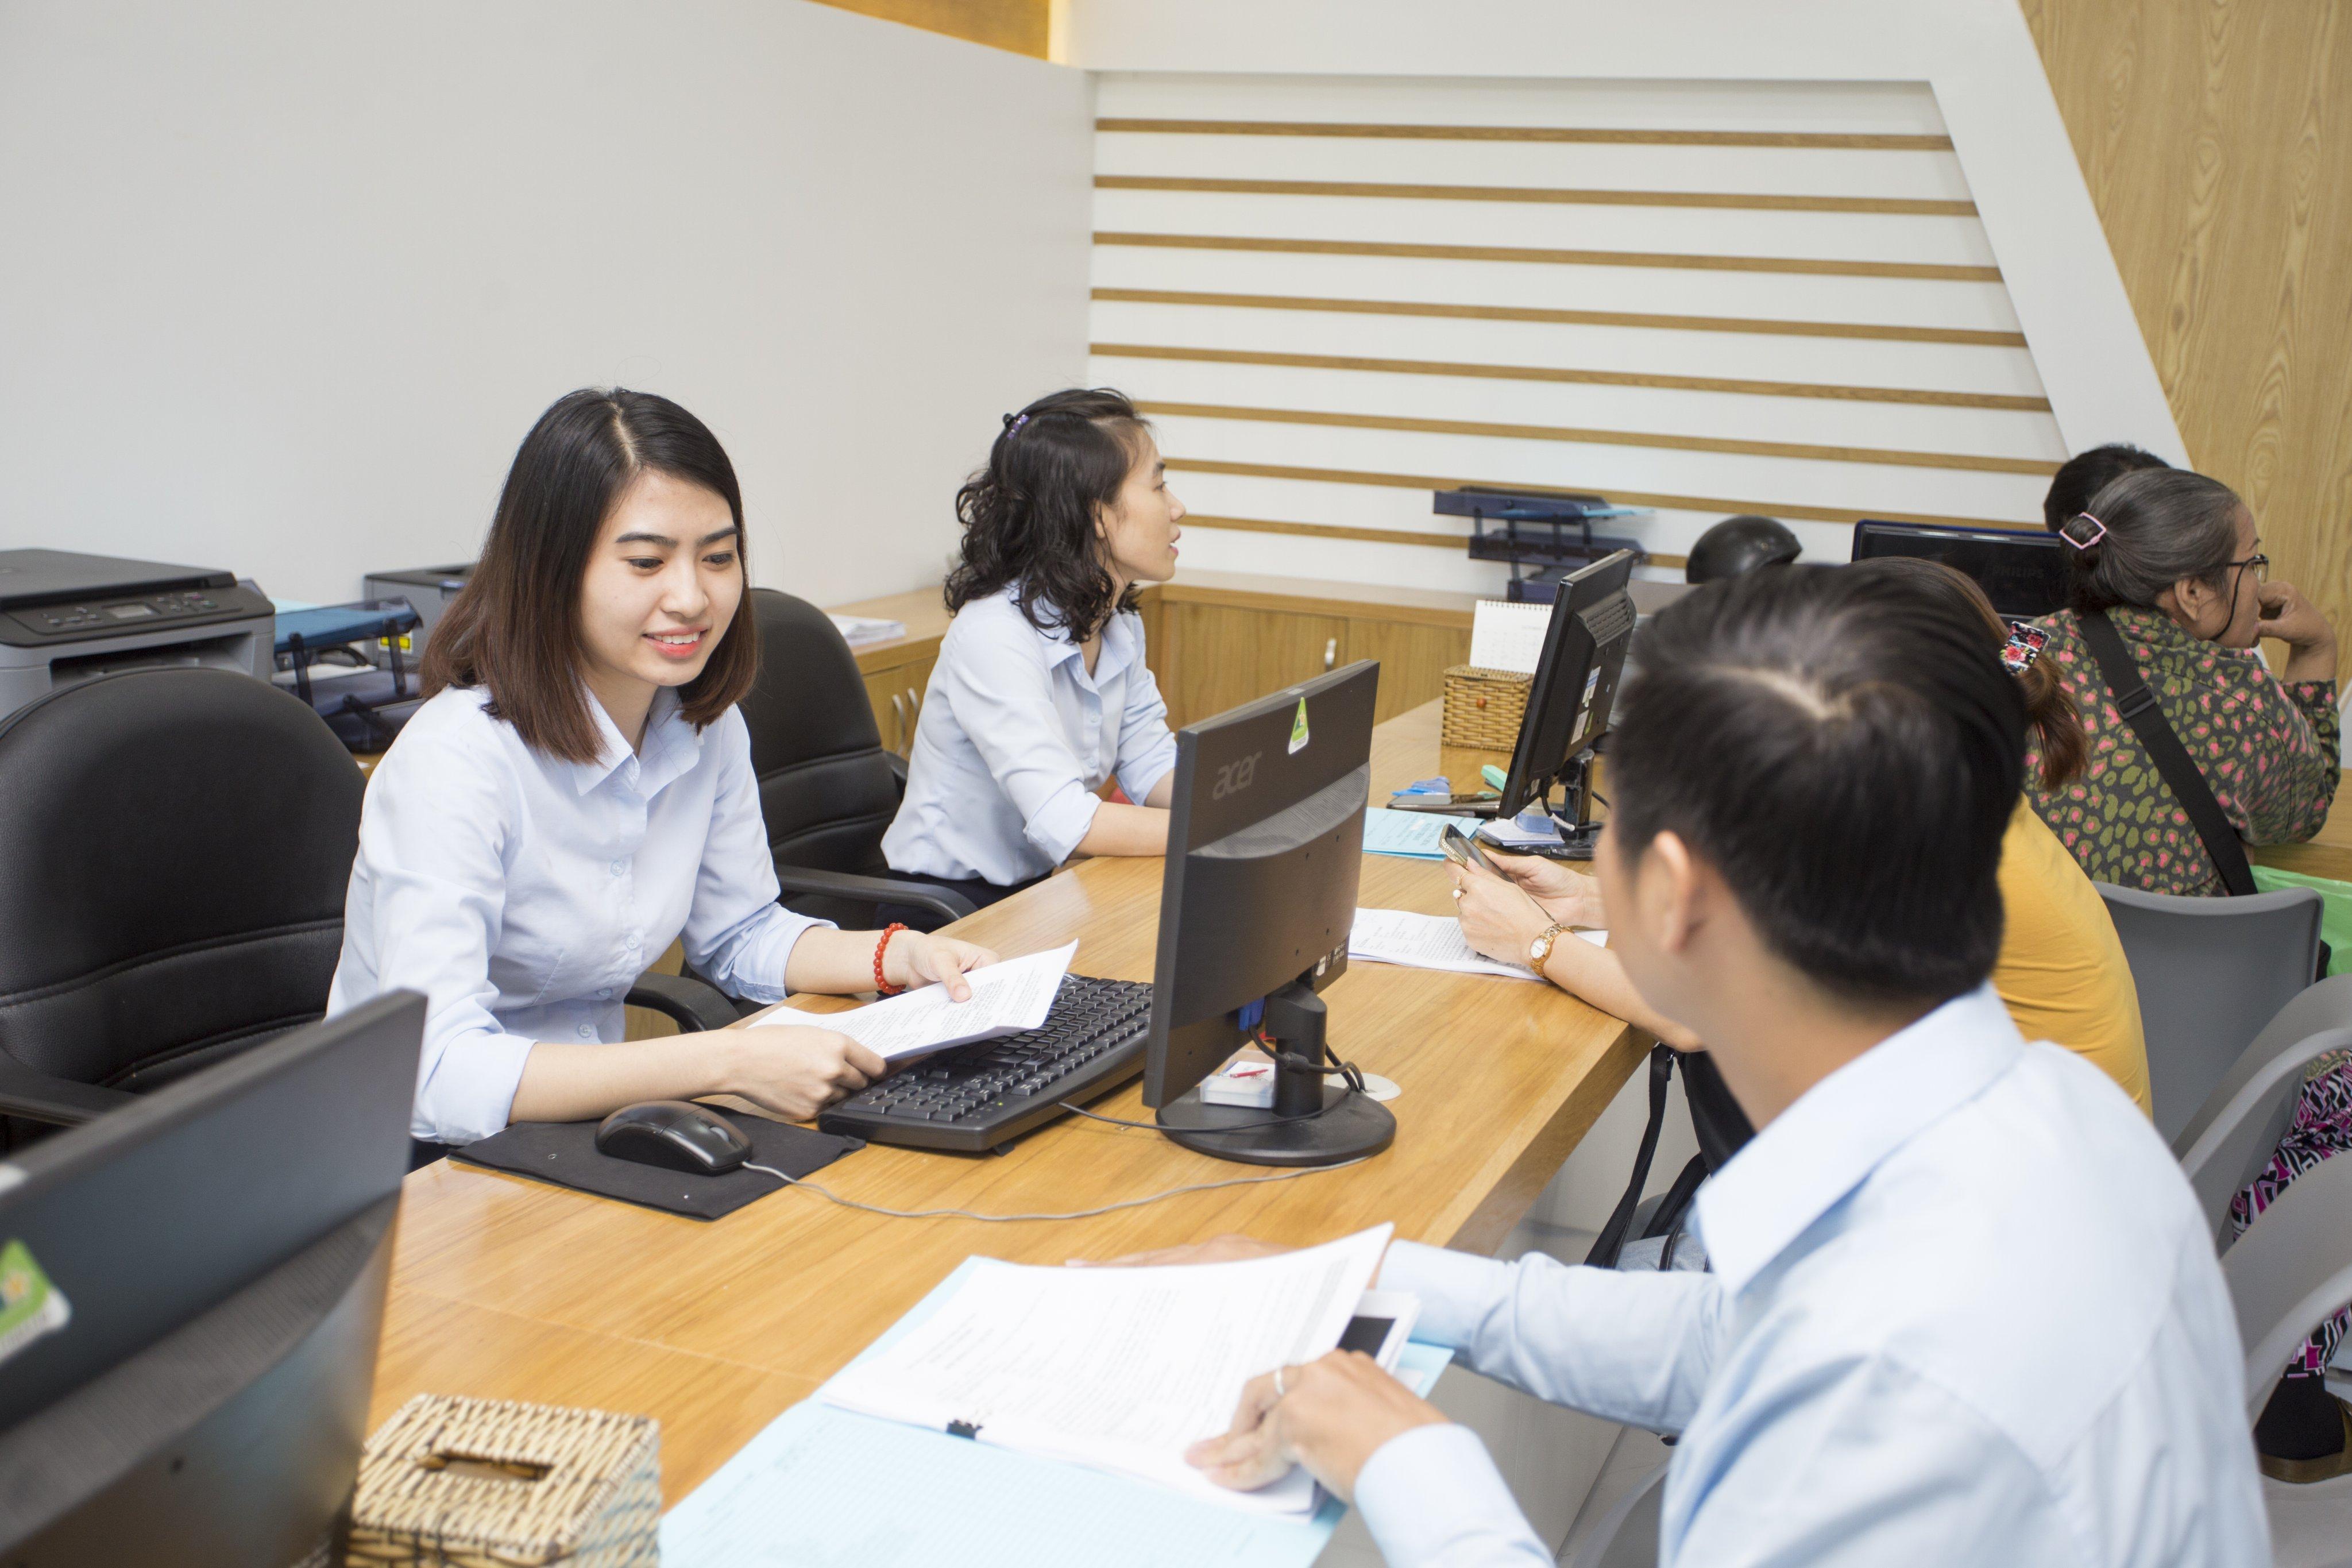 Dịch vụ công chứng - Văn phòng công chứng Nguyễn Huệ